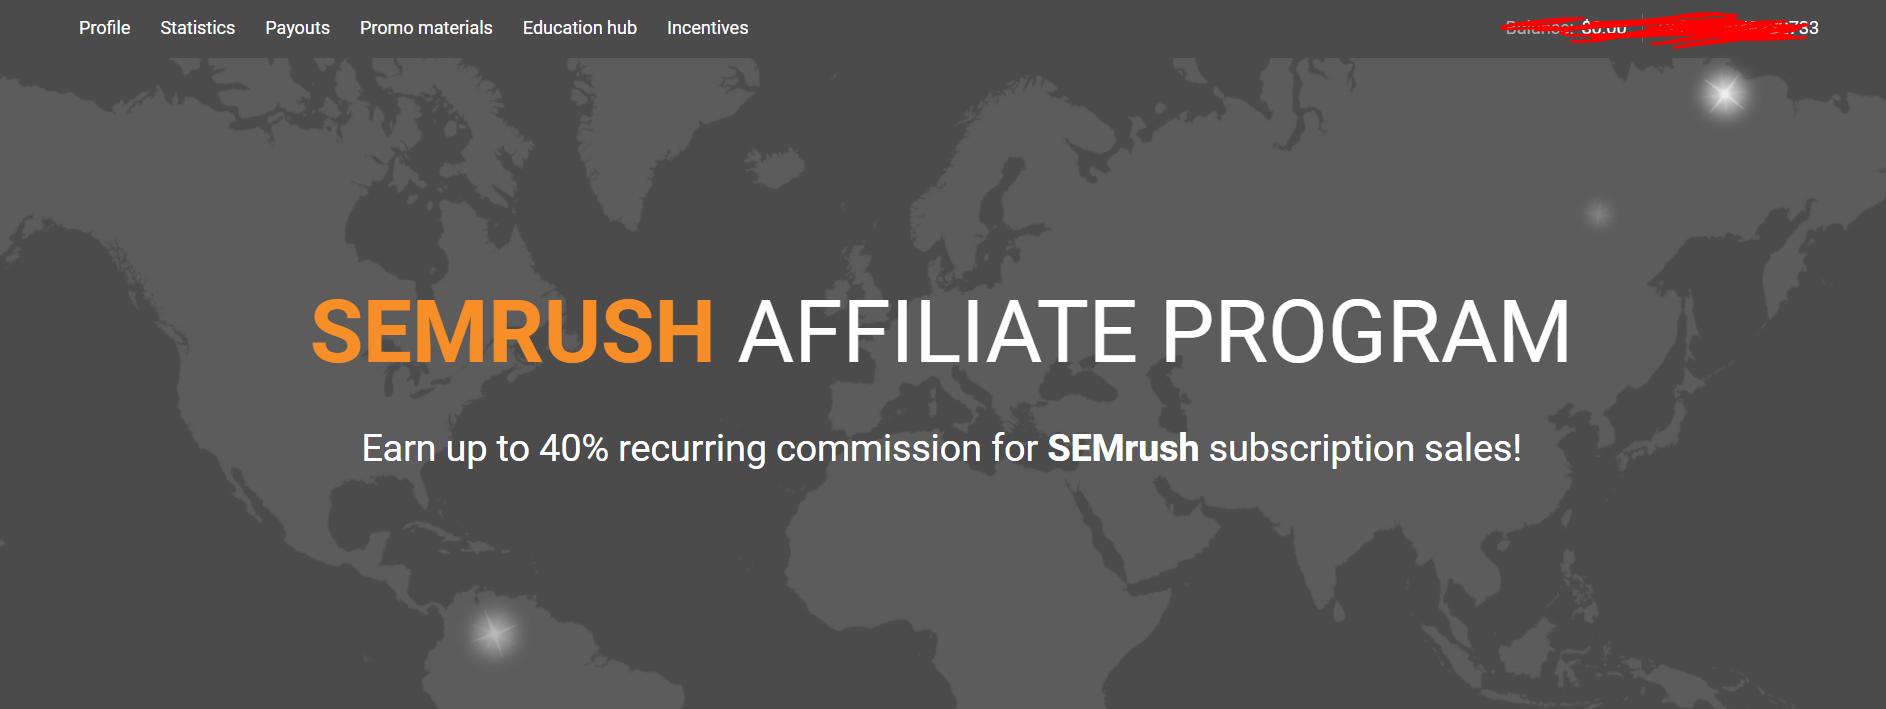 semrush-affiliate-program